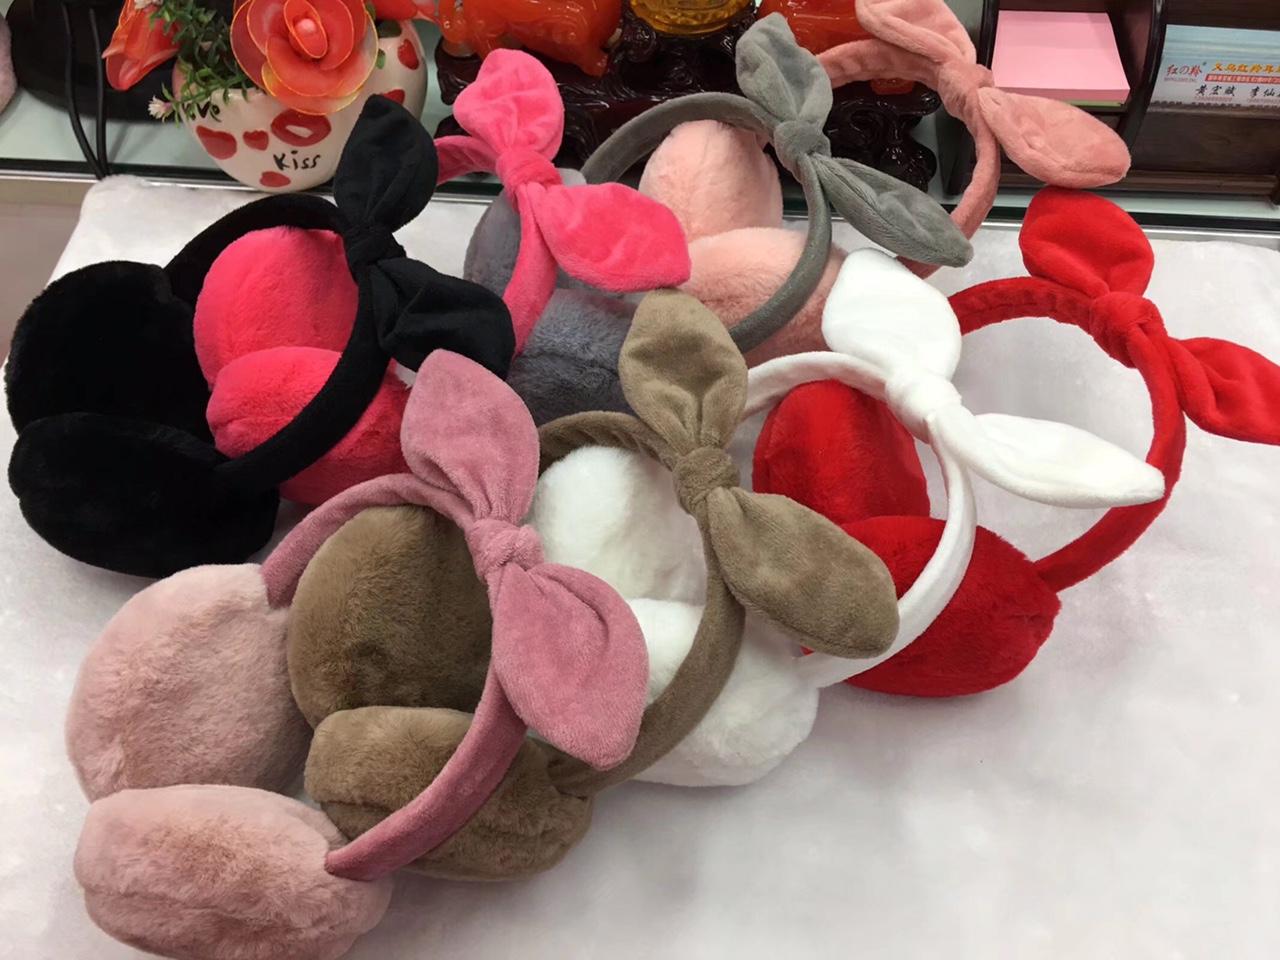 红羚精品耳罩卡通耳罩好用耳罩新品耳罩好用